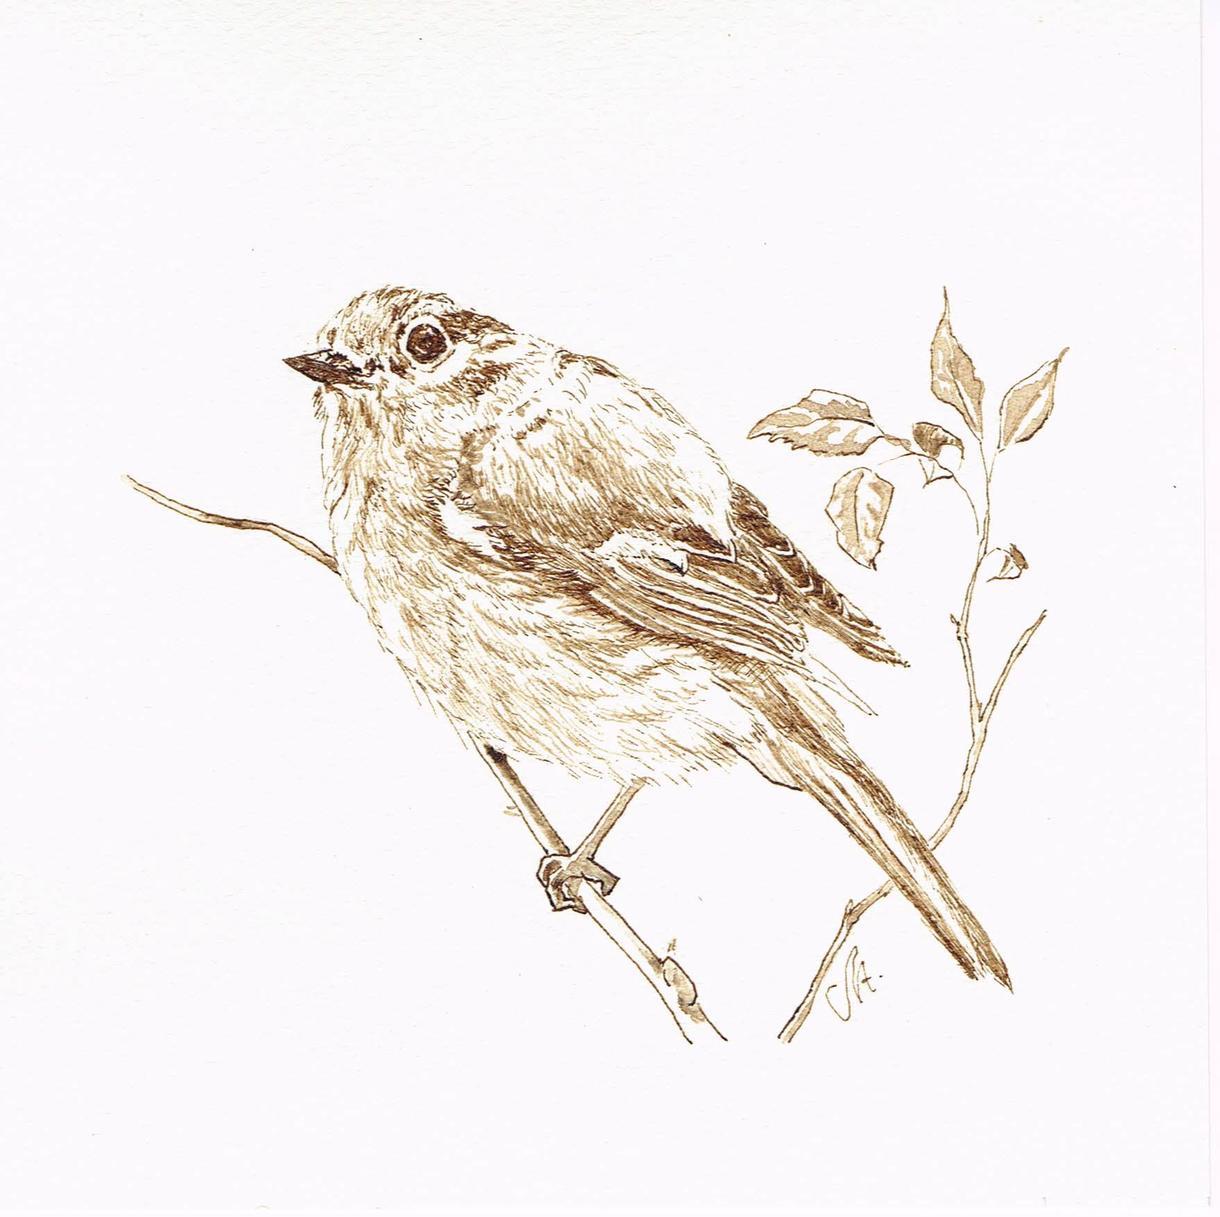 ジョウビタキの手描きインク画をお求め頂けます 鳥の挿し絵、イラストをお部屋に一枚いかがですか